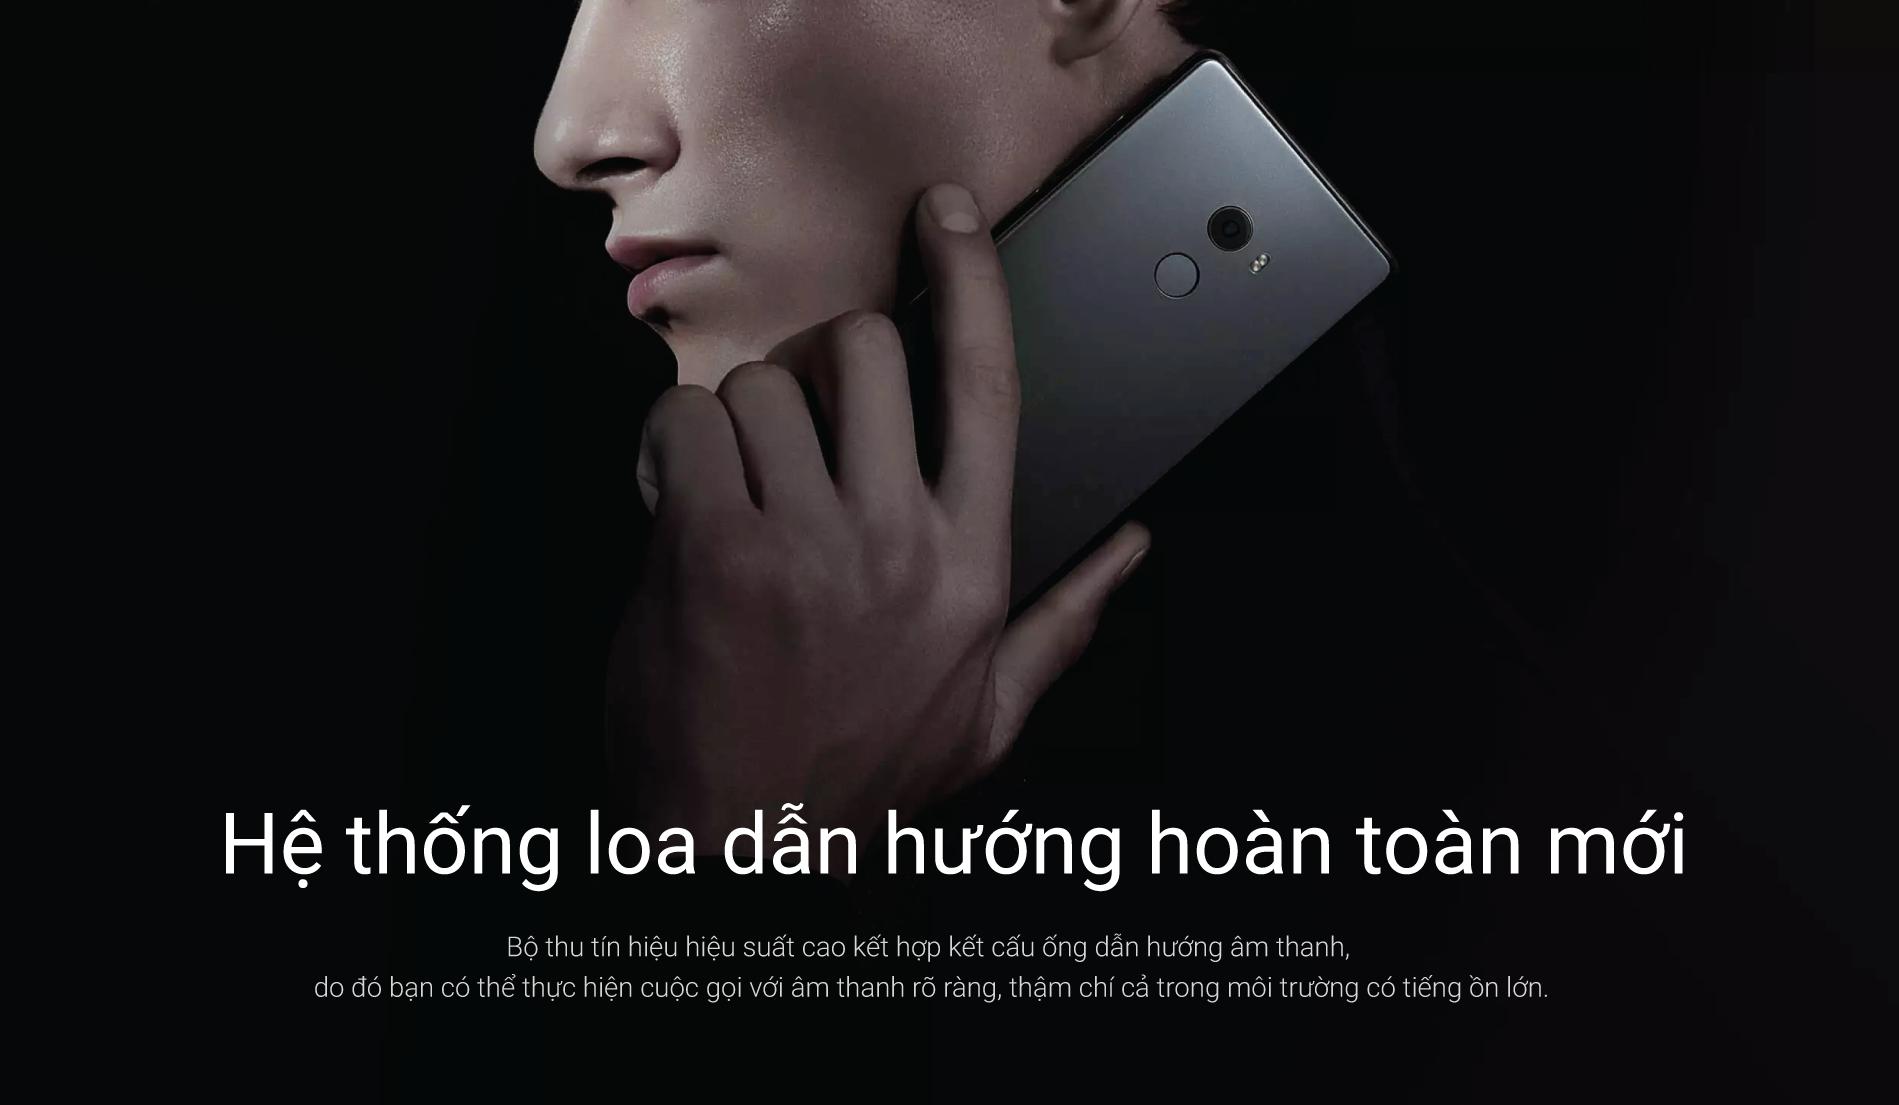 Xiaomi Mi Mix 2 Khuyến Mãi Hấp Dẫn